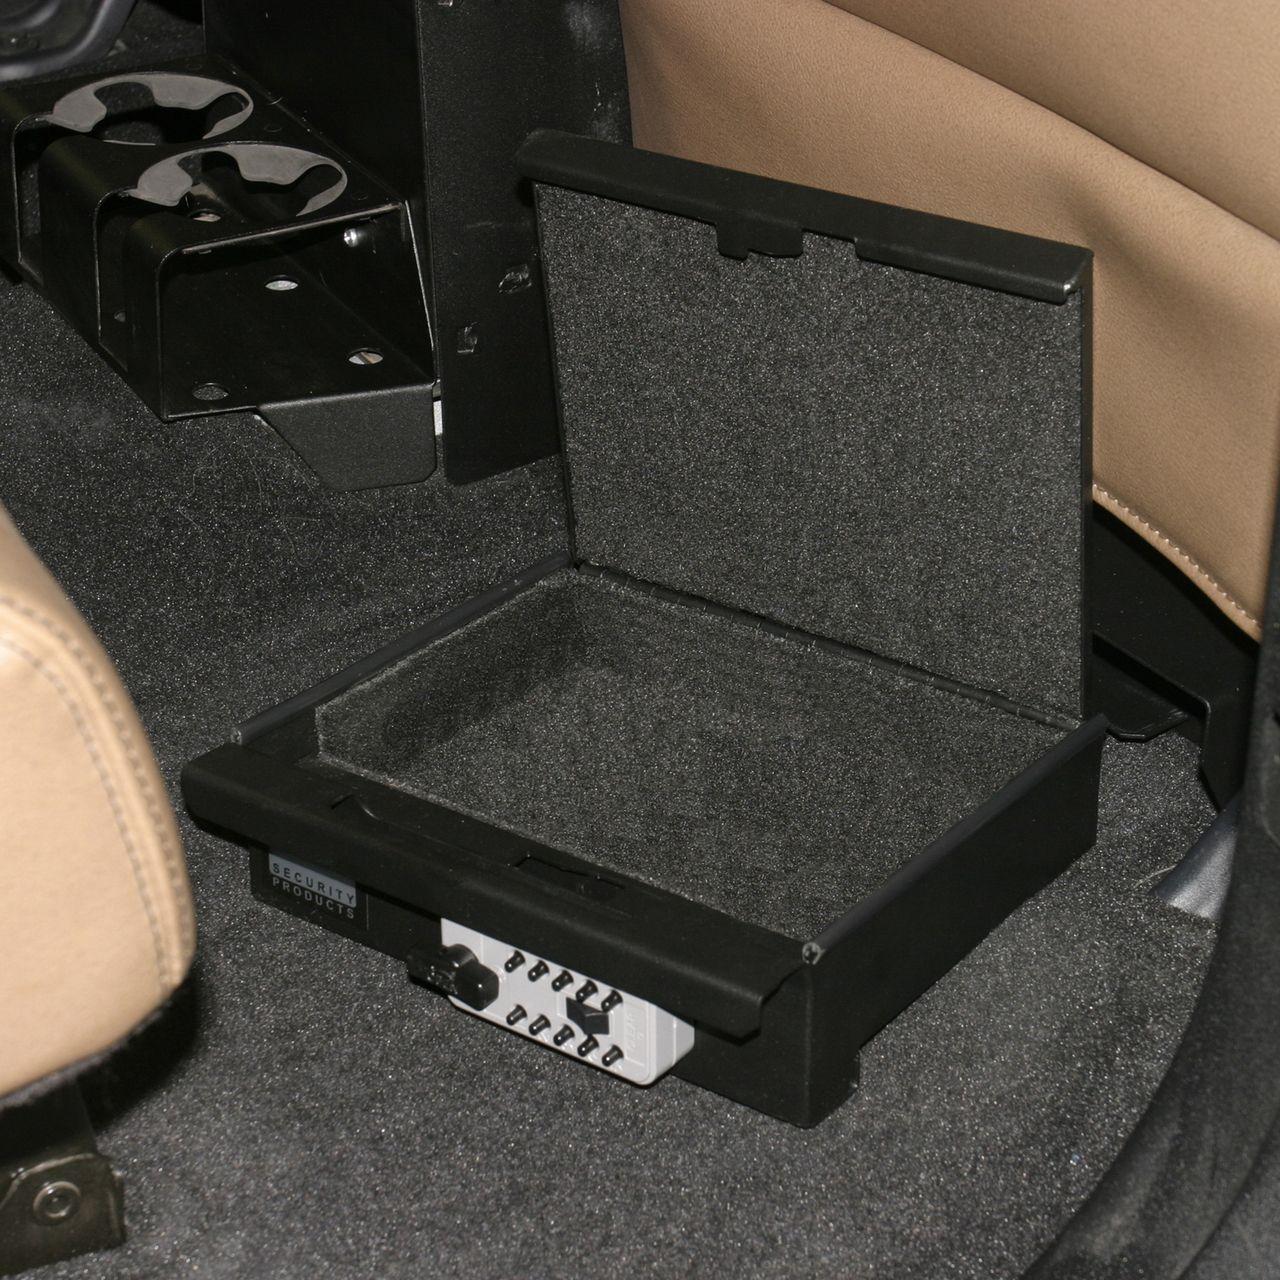 NOVISauto Autosafe Einschubkassette Wertsachensafe Fahrzeug und Camping Kombinationsschloss innen gepolstert